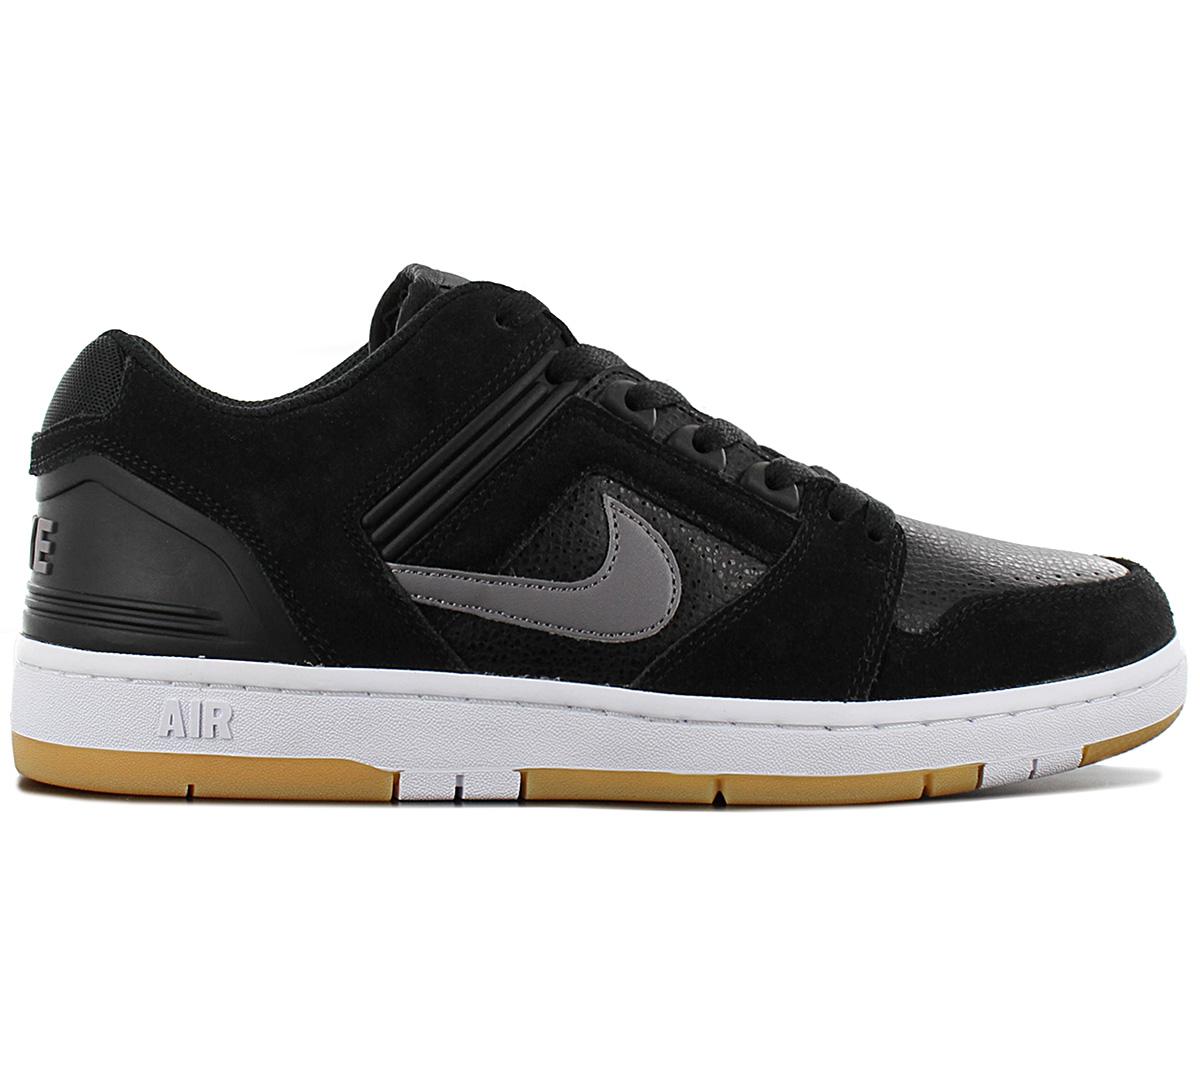 Nike SB Air Force II Low (black grey) AO0300 001   43einhalb Sneaker Store